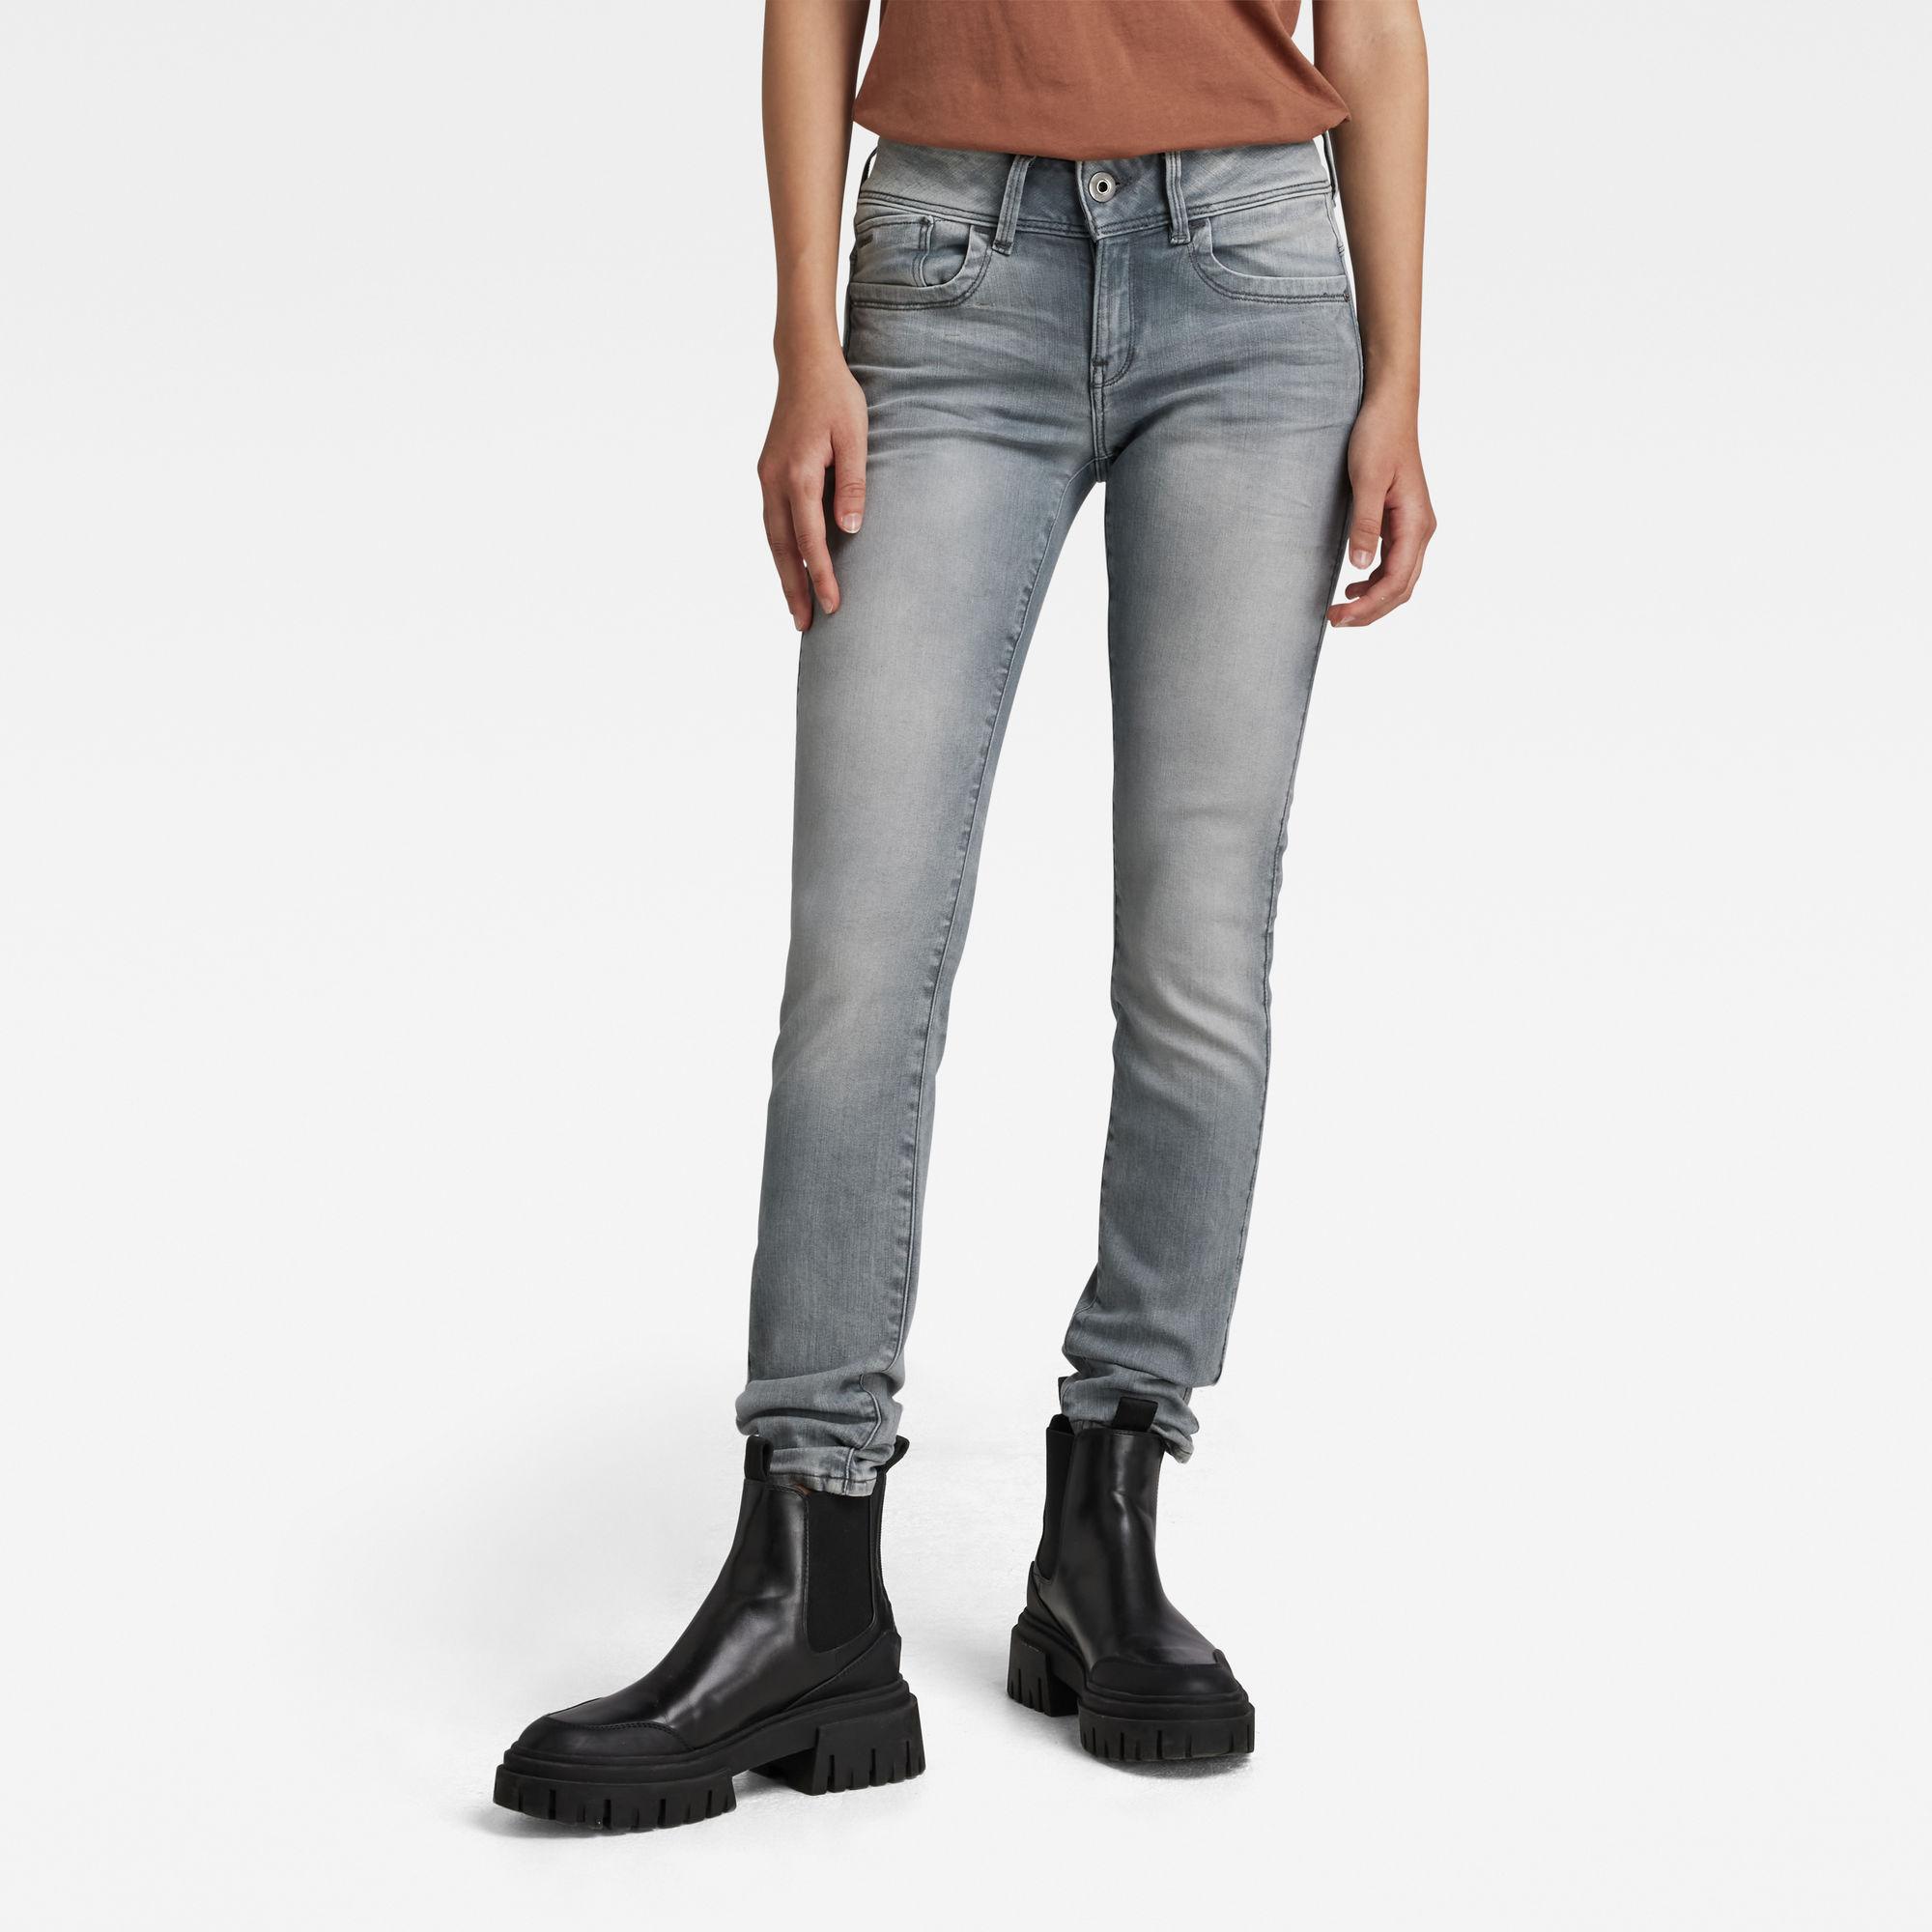 G-Star RAW Dames Lynn Mid Waist Skinny Jeans Grijs